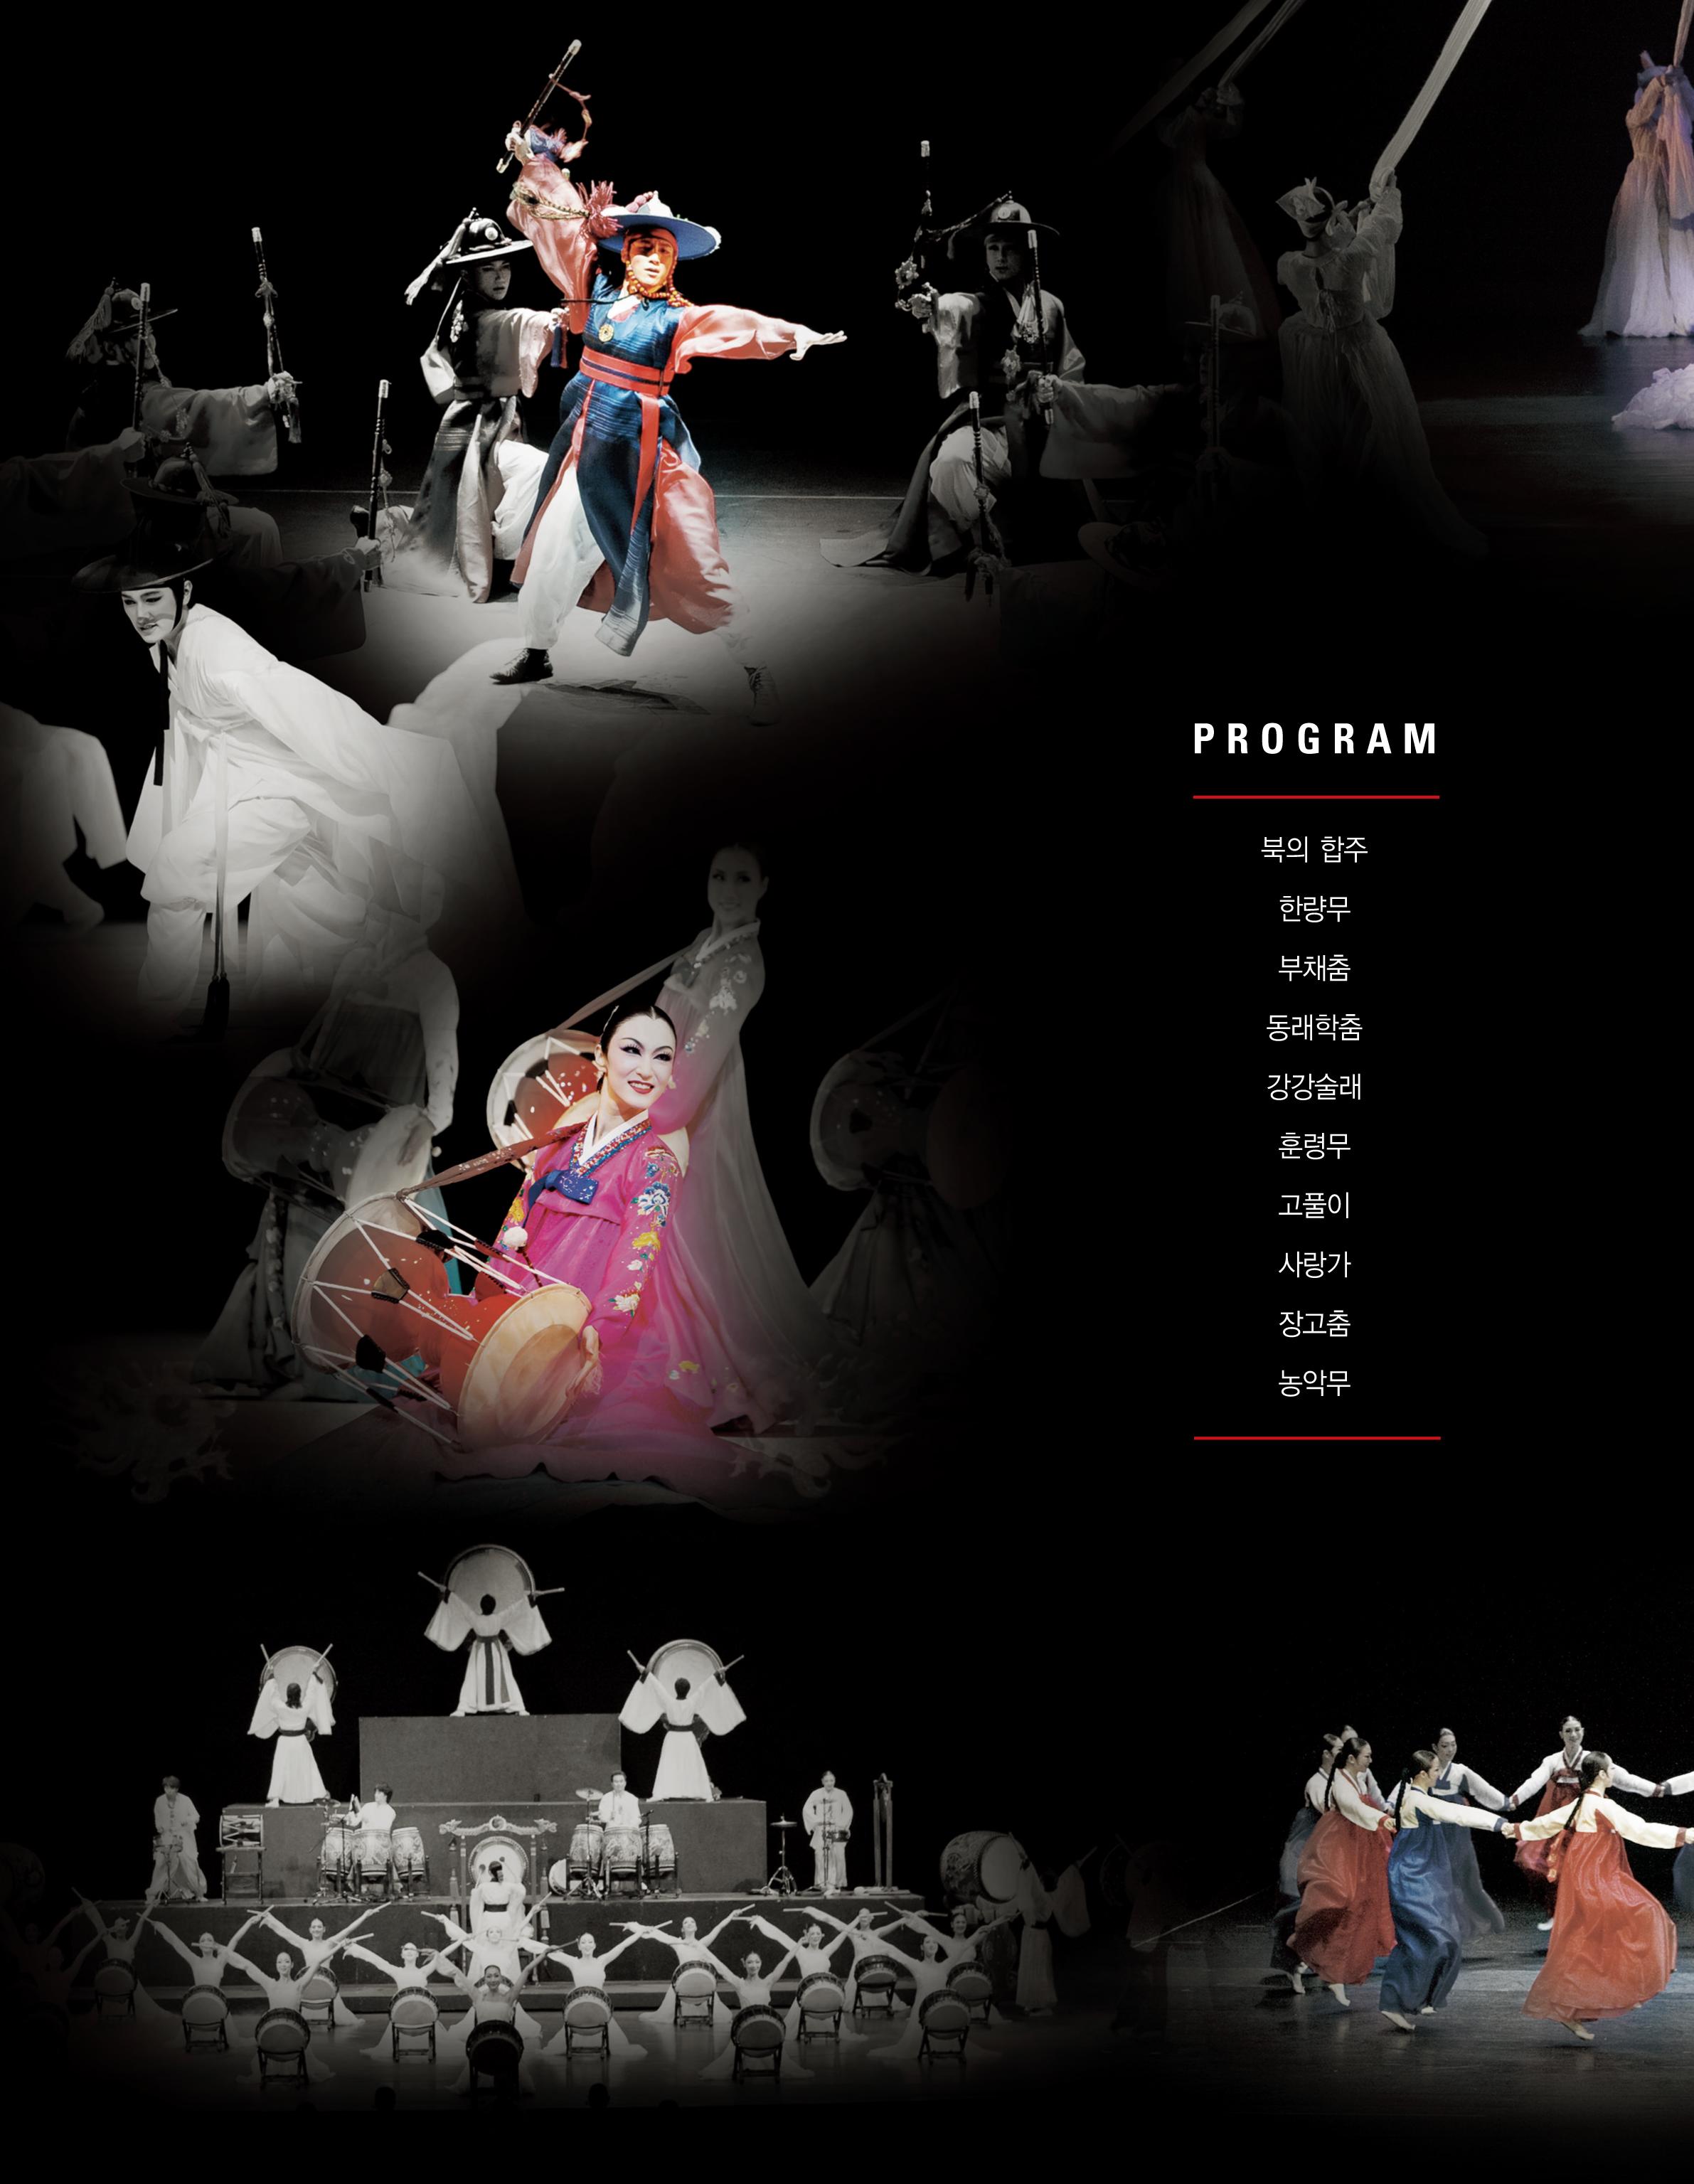 무맥천년-리플렛수정3-2.jpg